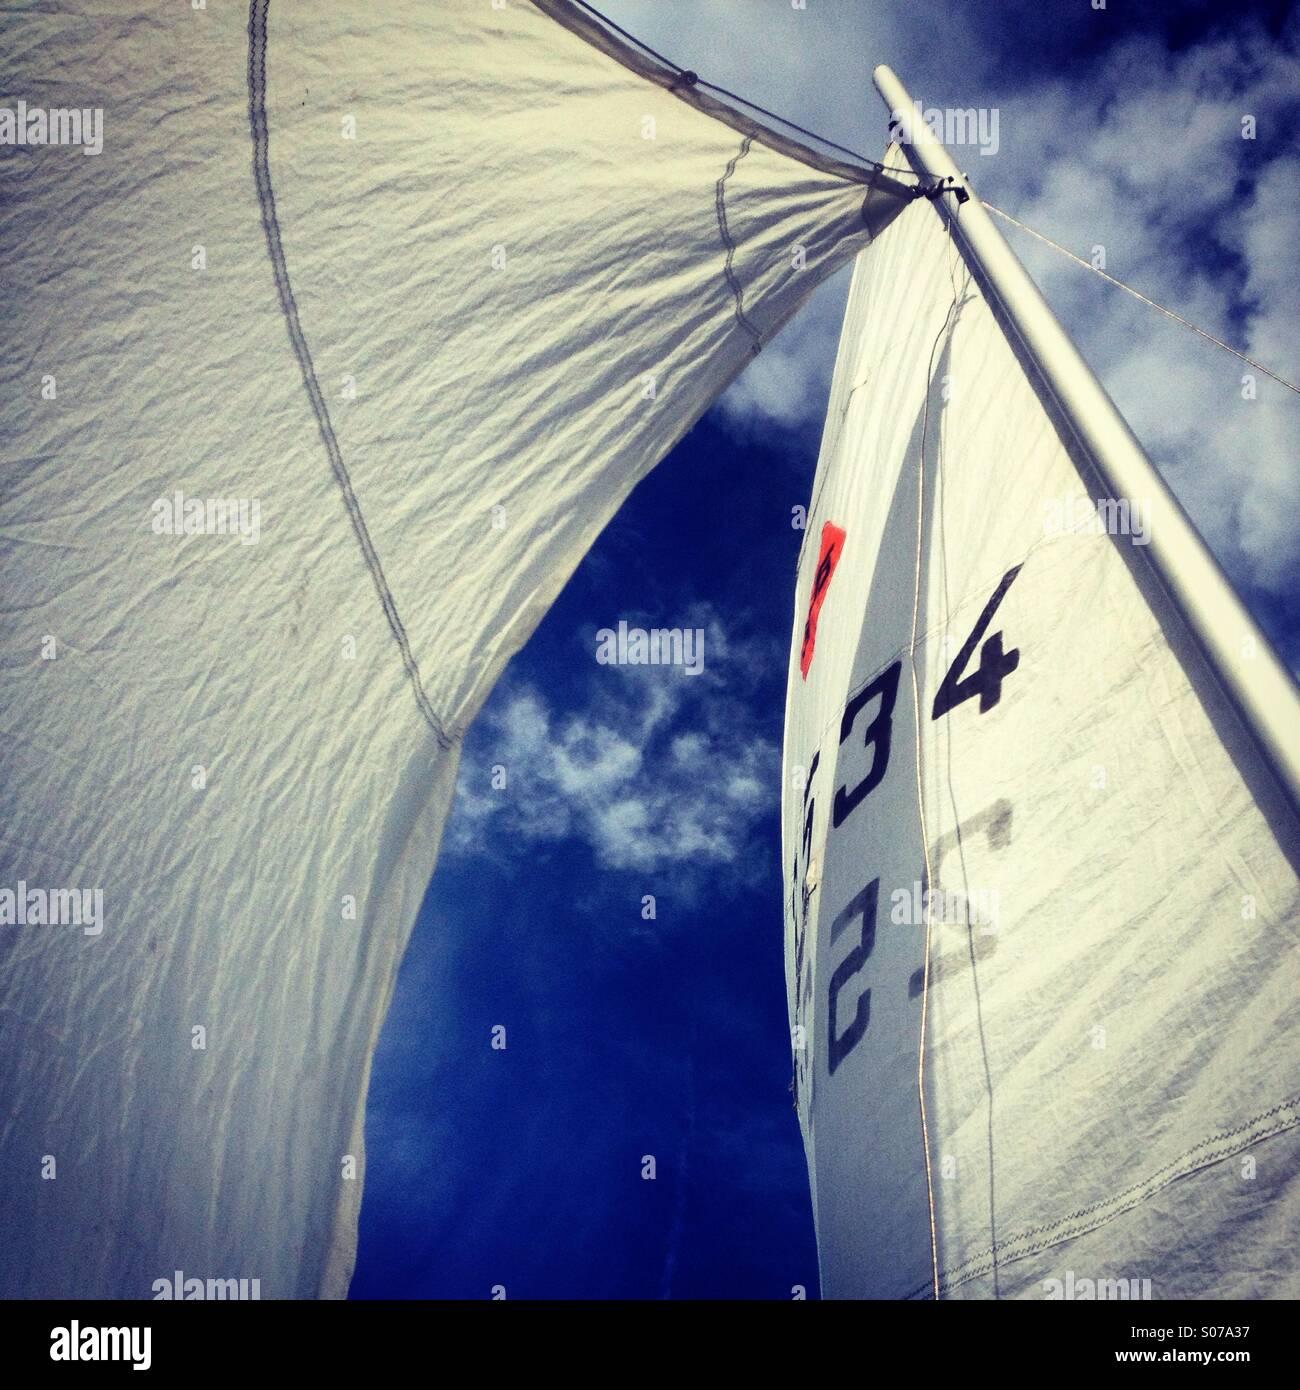 Un voile intégral du vent sur un cadre idyllique journée ensoleillée... Photo Stock